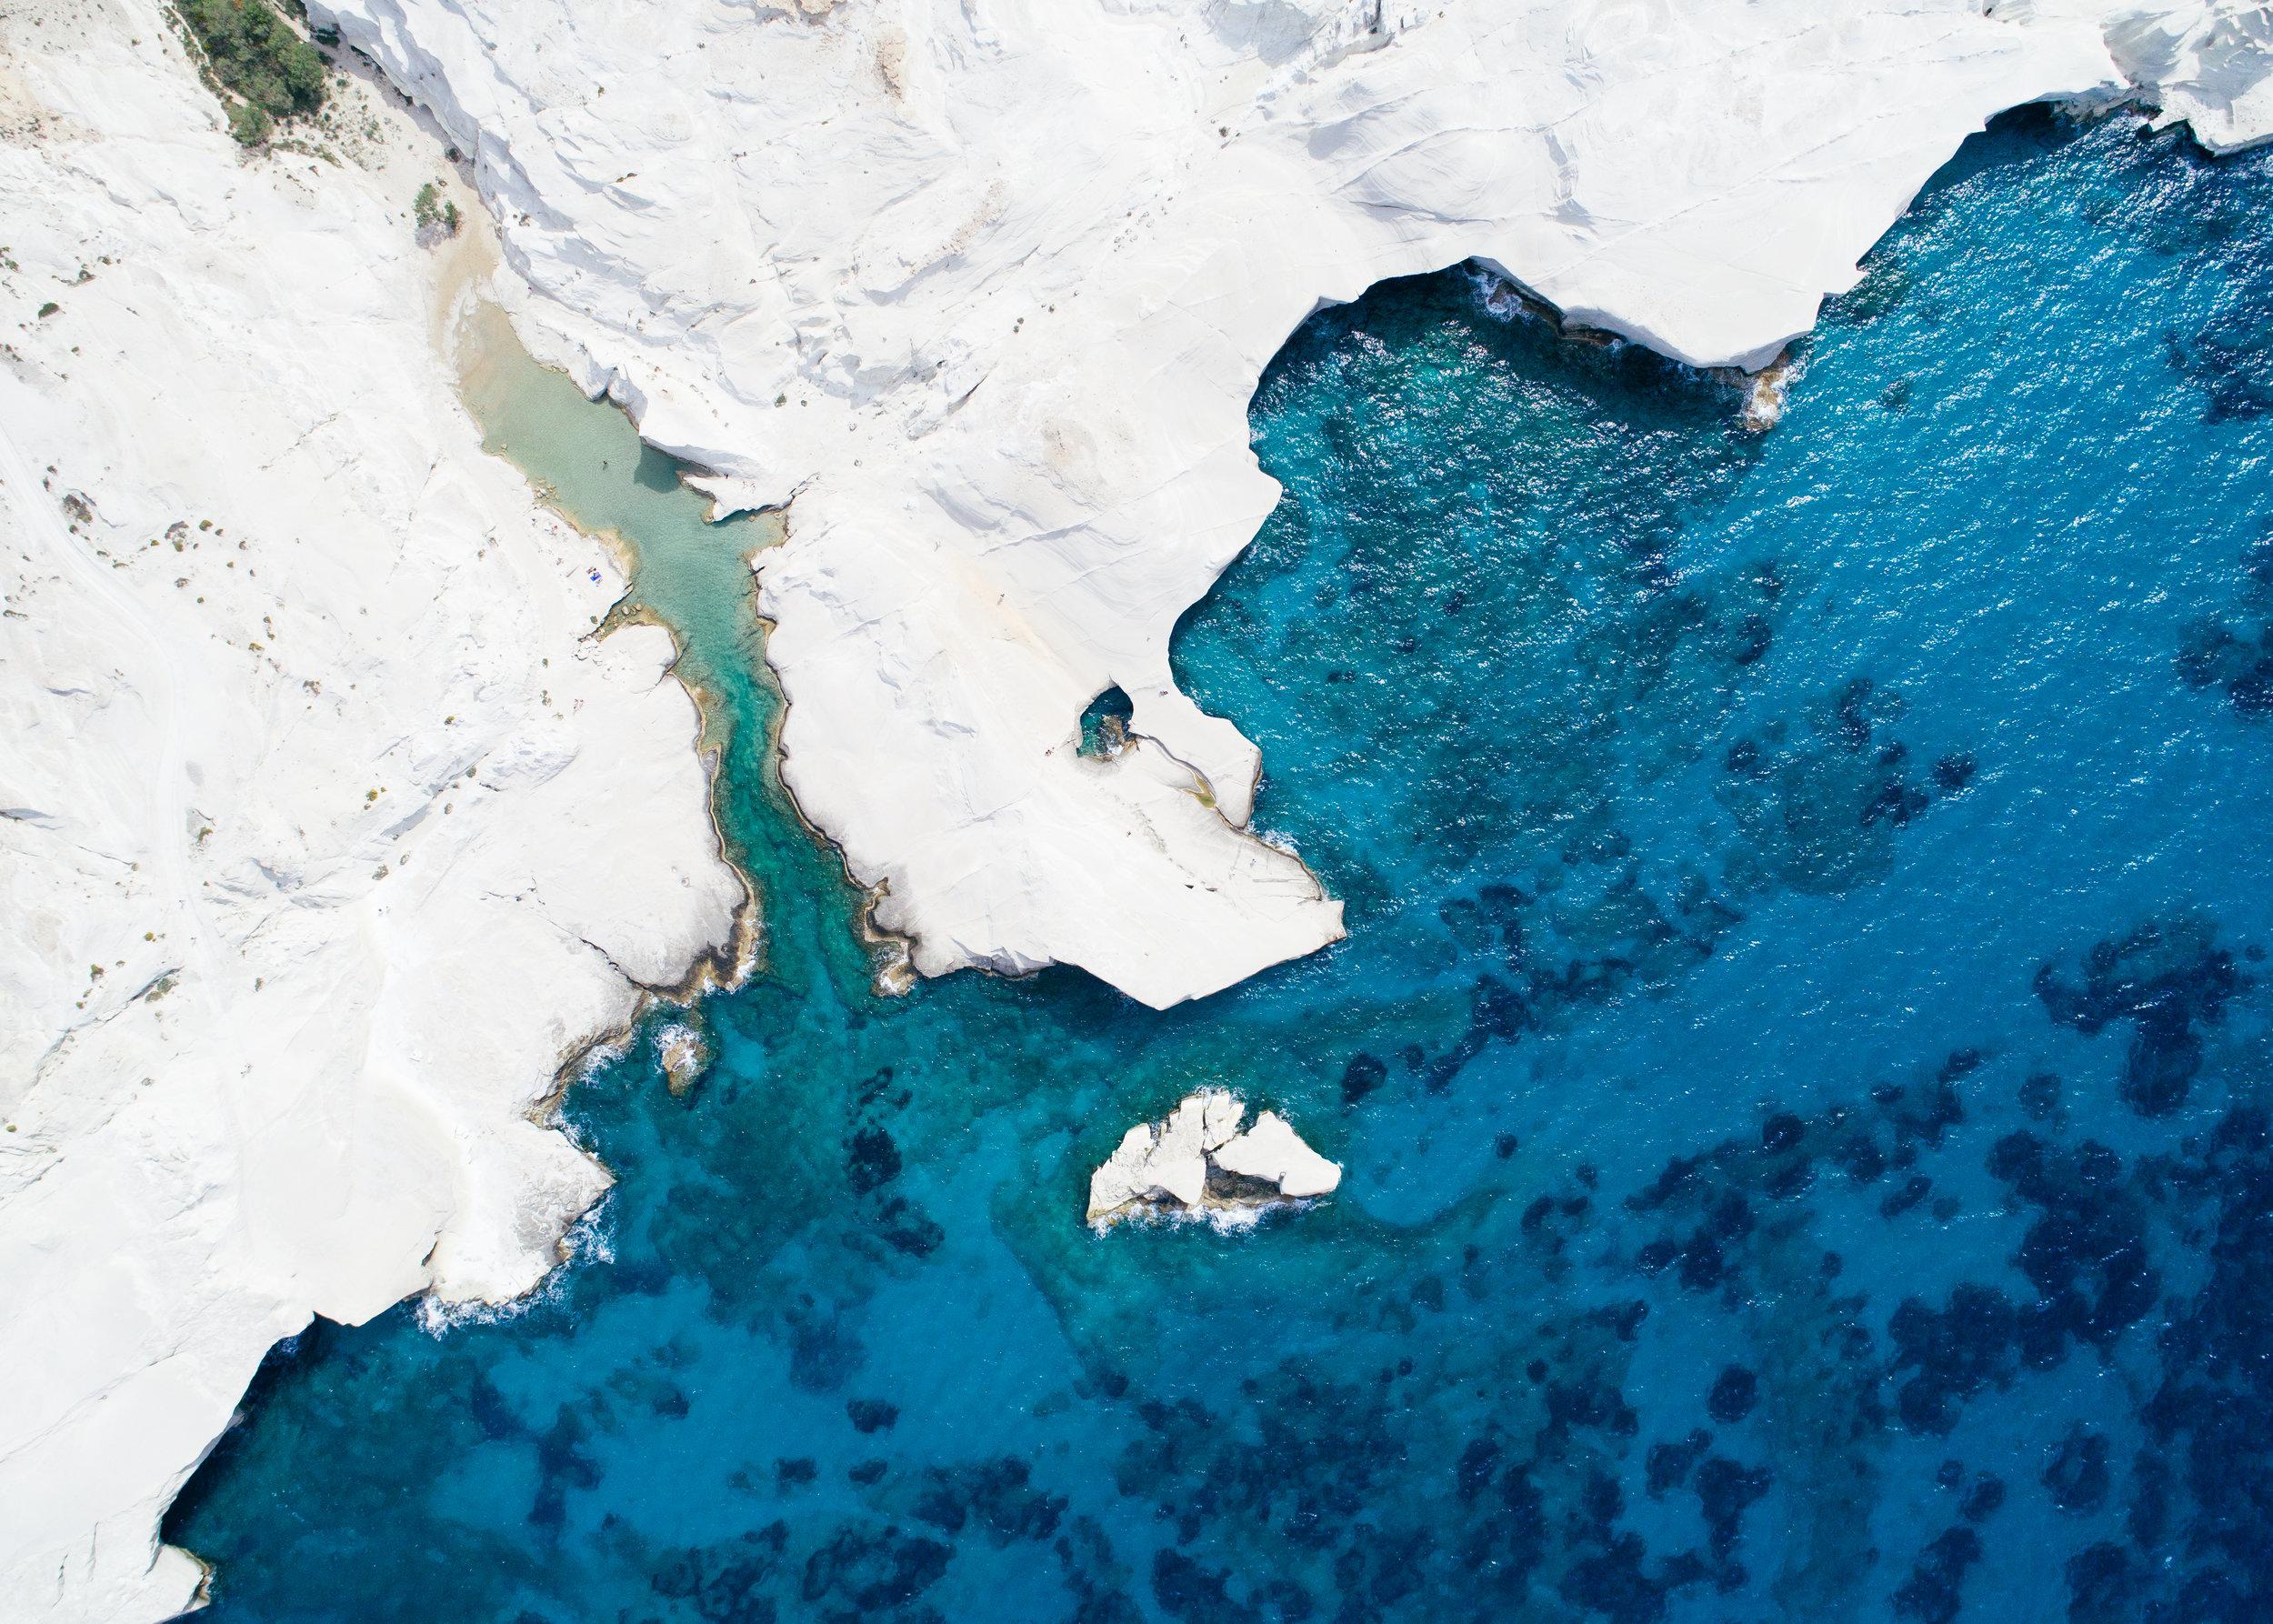 milos greece sarakiniko beach